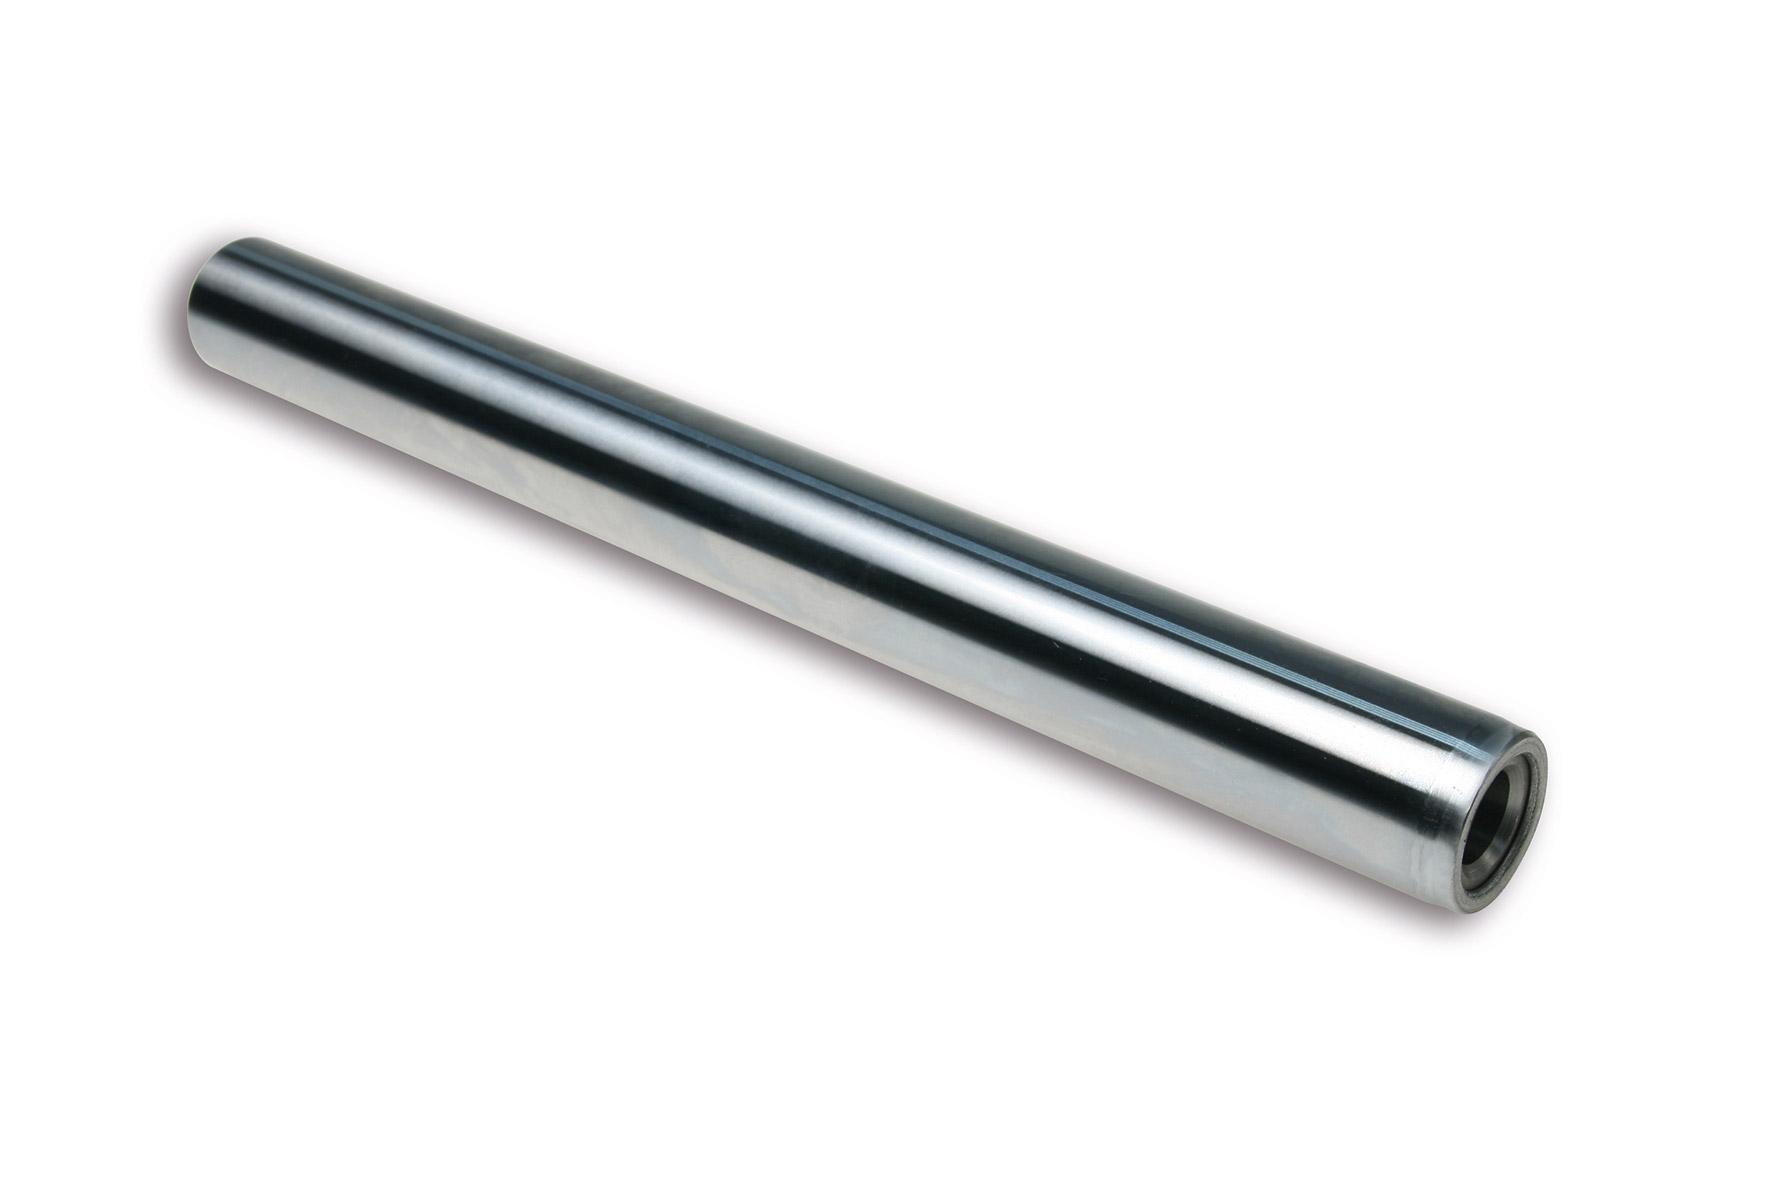 Tubo di forza (lato destro) - ricambio per Kit 46 9526-46 9550-46 9552-46 9624-46 9627 : produzione cessata